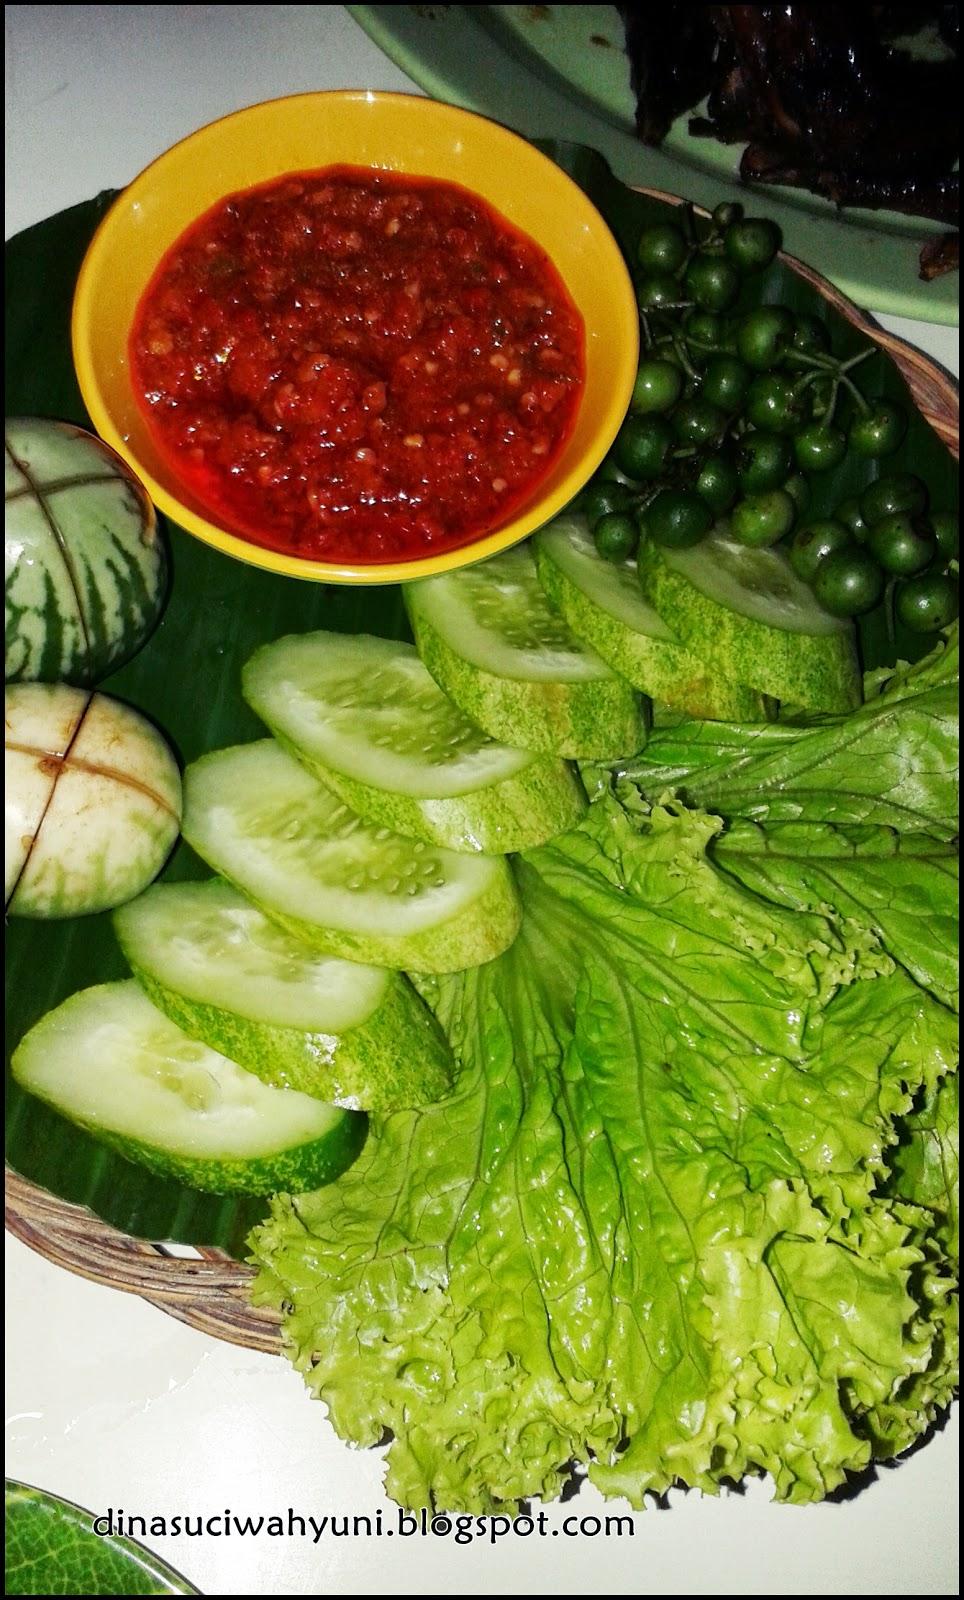 Rumah makan saung raos jdsk for Aja asian cuisine menu